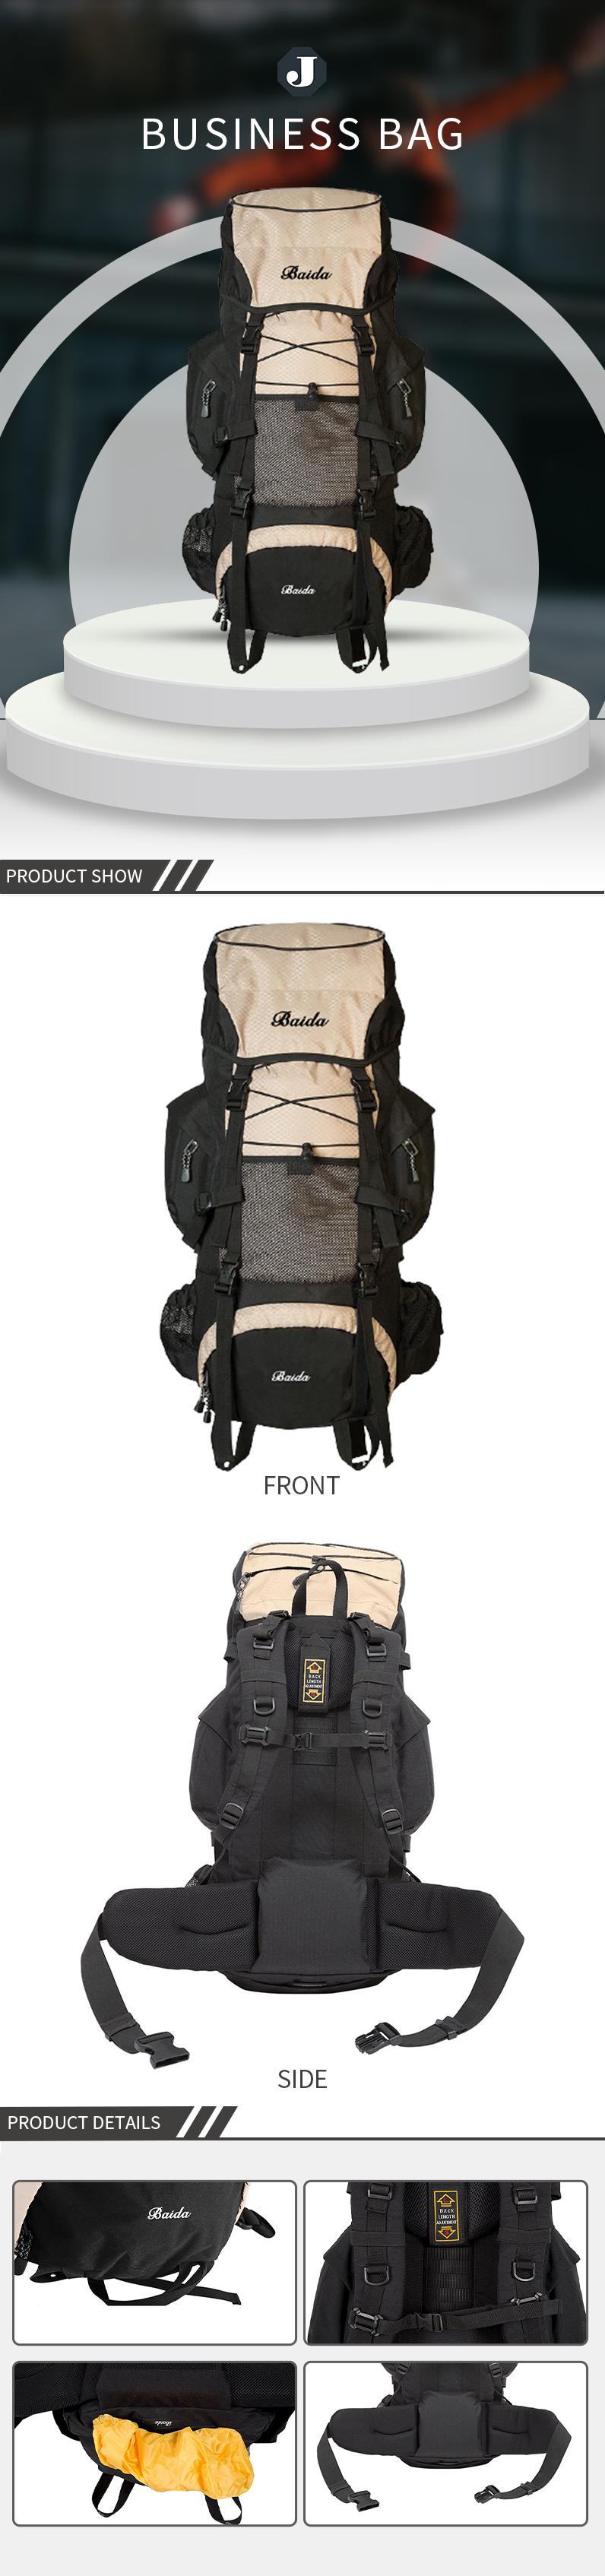 Camping bag-004(1).jpg